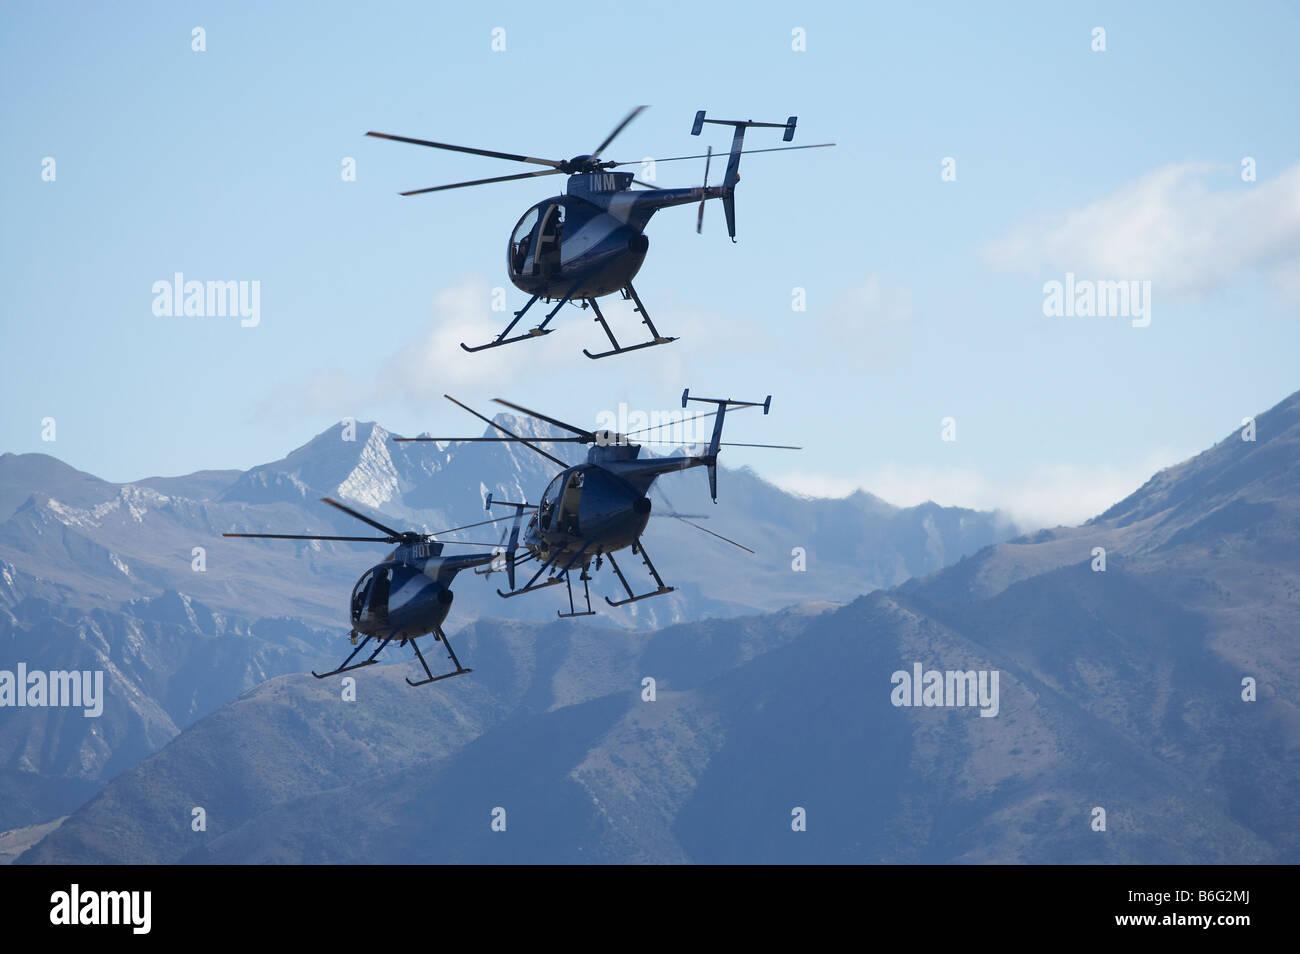 Hughes 500s Warbirds over Wanaka Airshow Wanaka South Island New Zealand - Stock Image